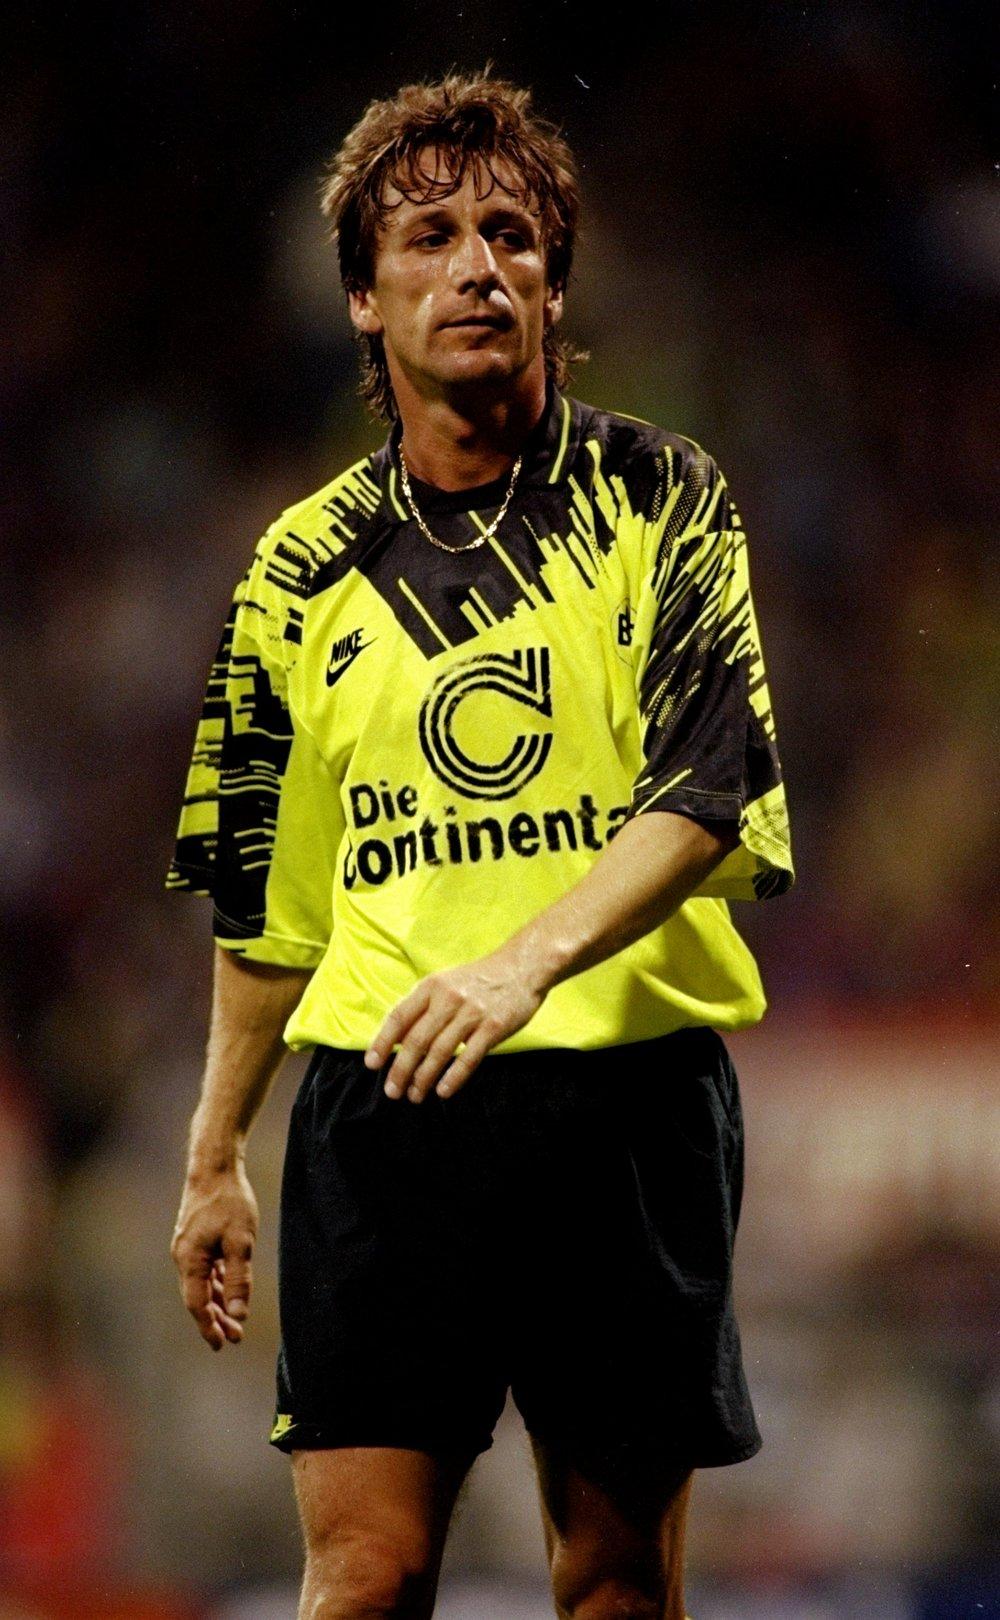 Frank Mill fra perioden, da han var kongen af Dortmund. Foto: Getty Images/Clive Brunskill.